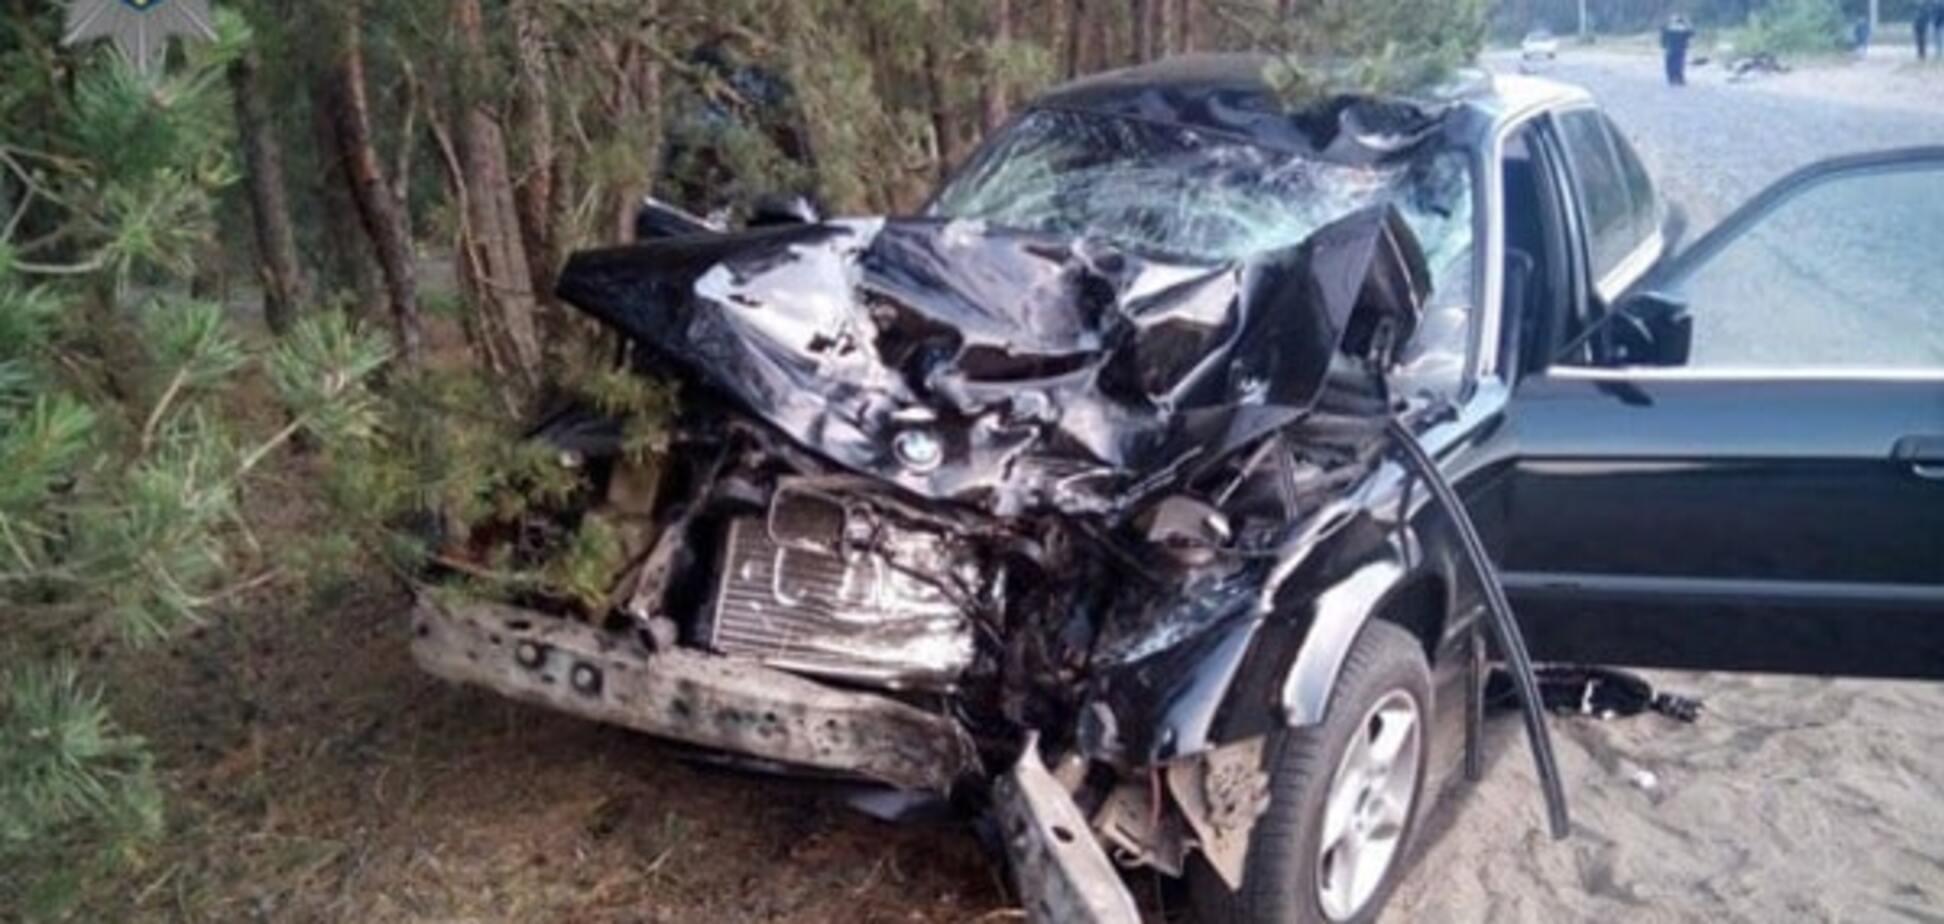 В страшном ДТП на Ривненщине погибли четыре человека: опубликованы фото аварии